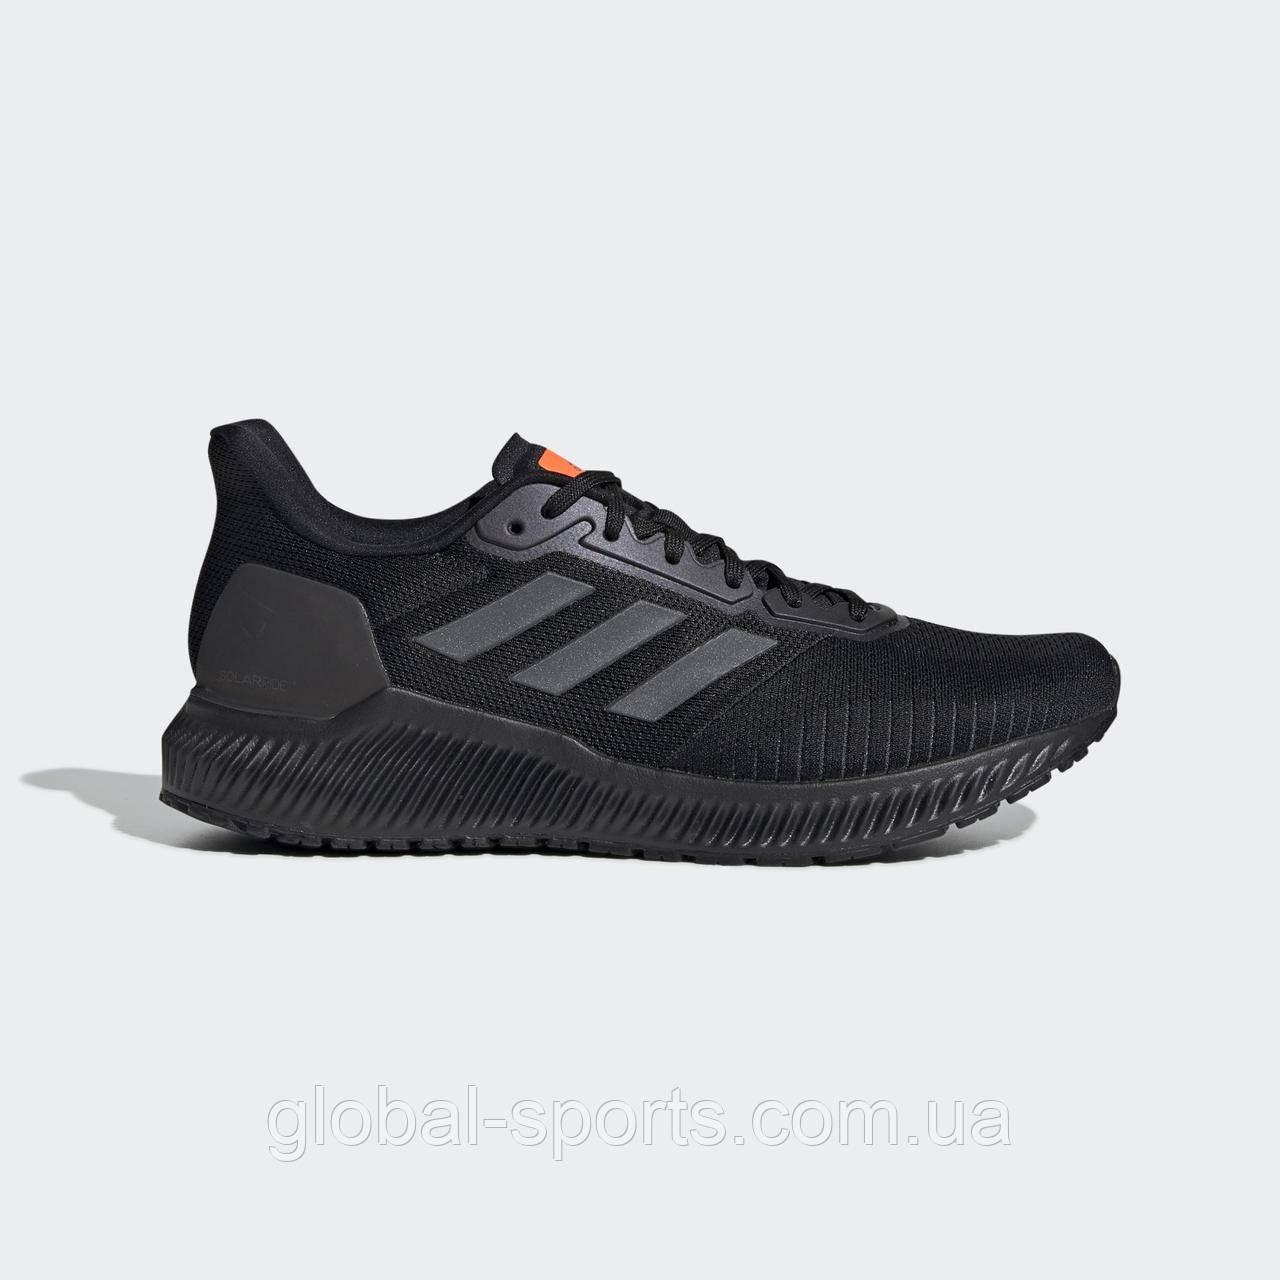 Чоловічі кросівки Adidas Solar Ride(Артикул:EF1421)